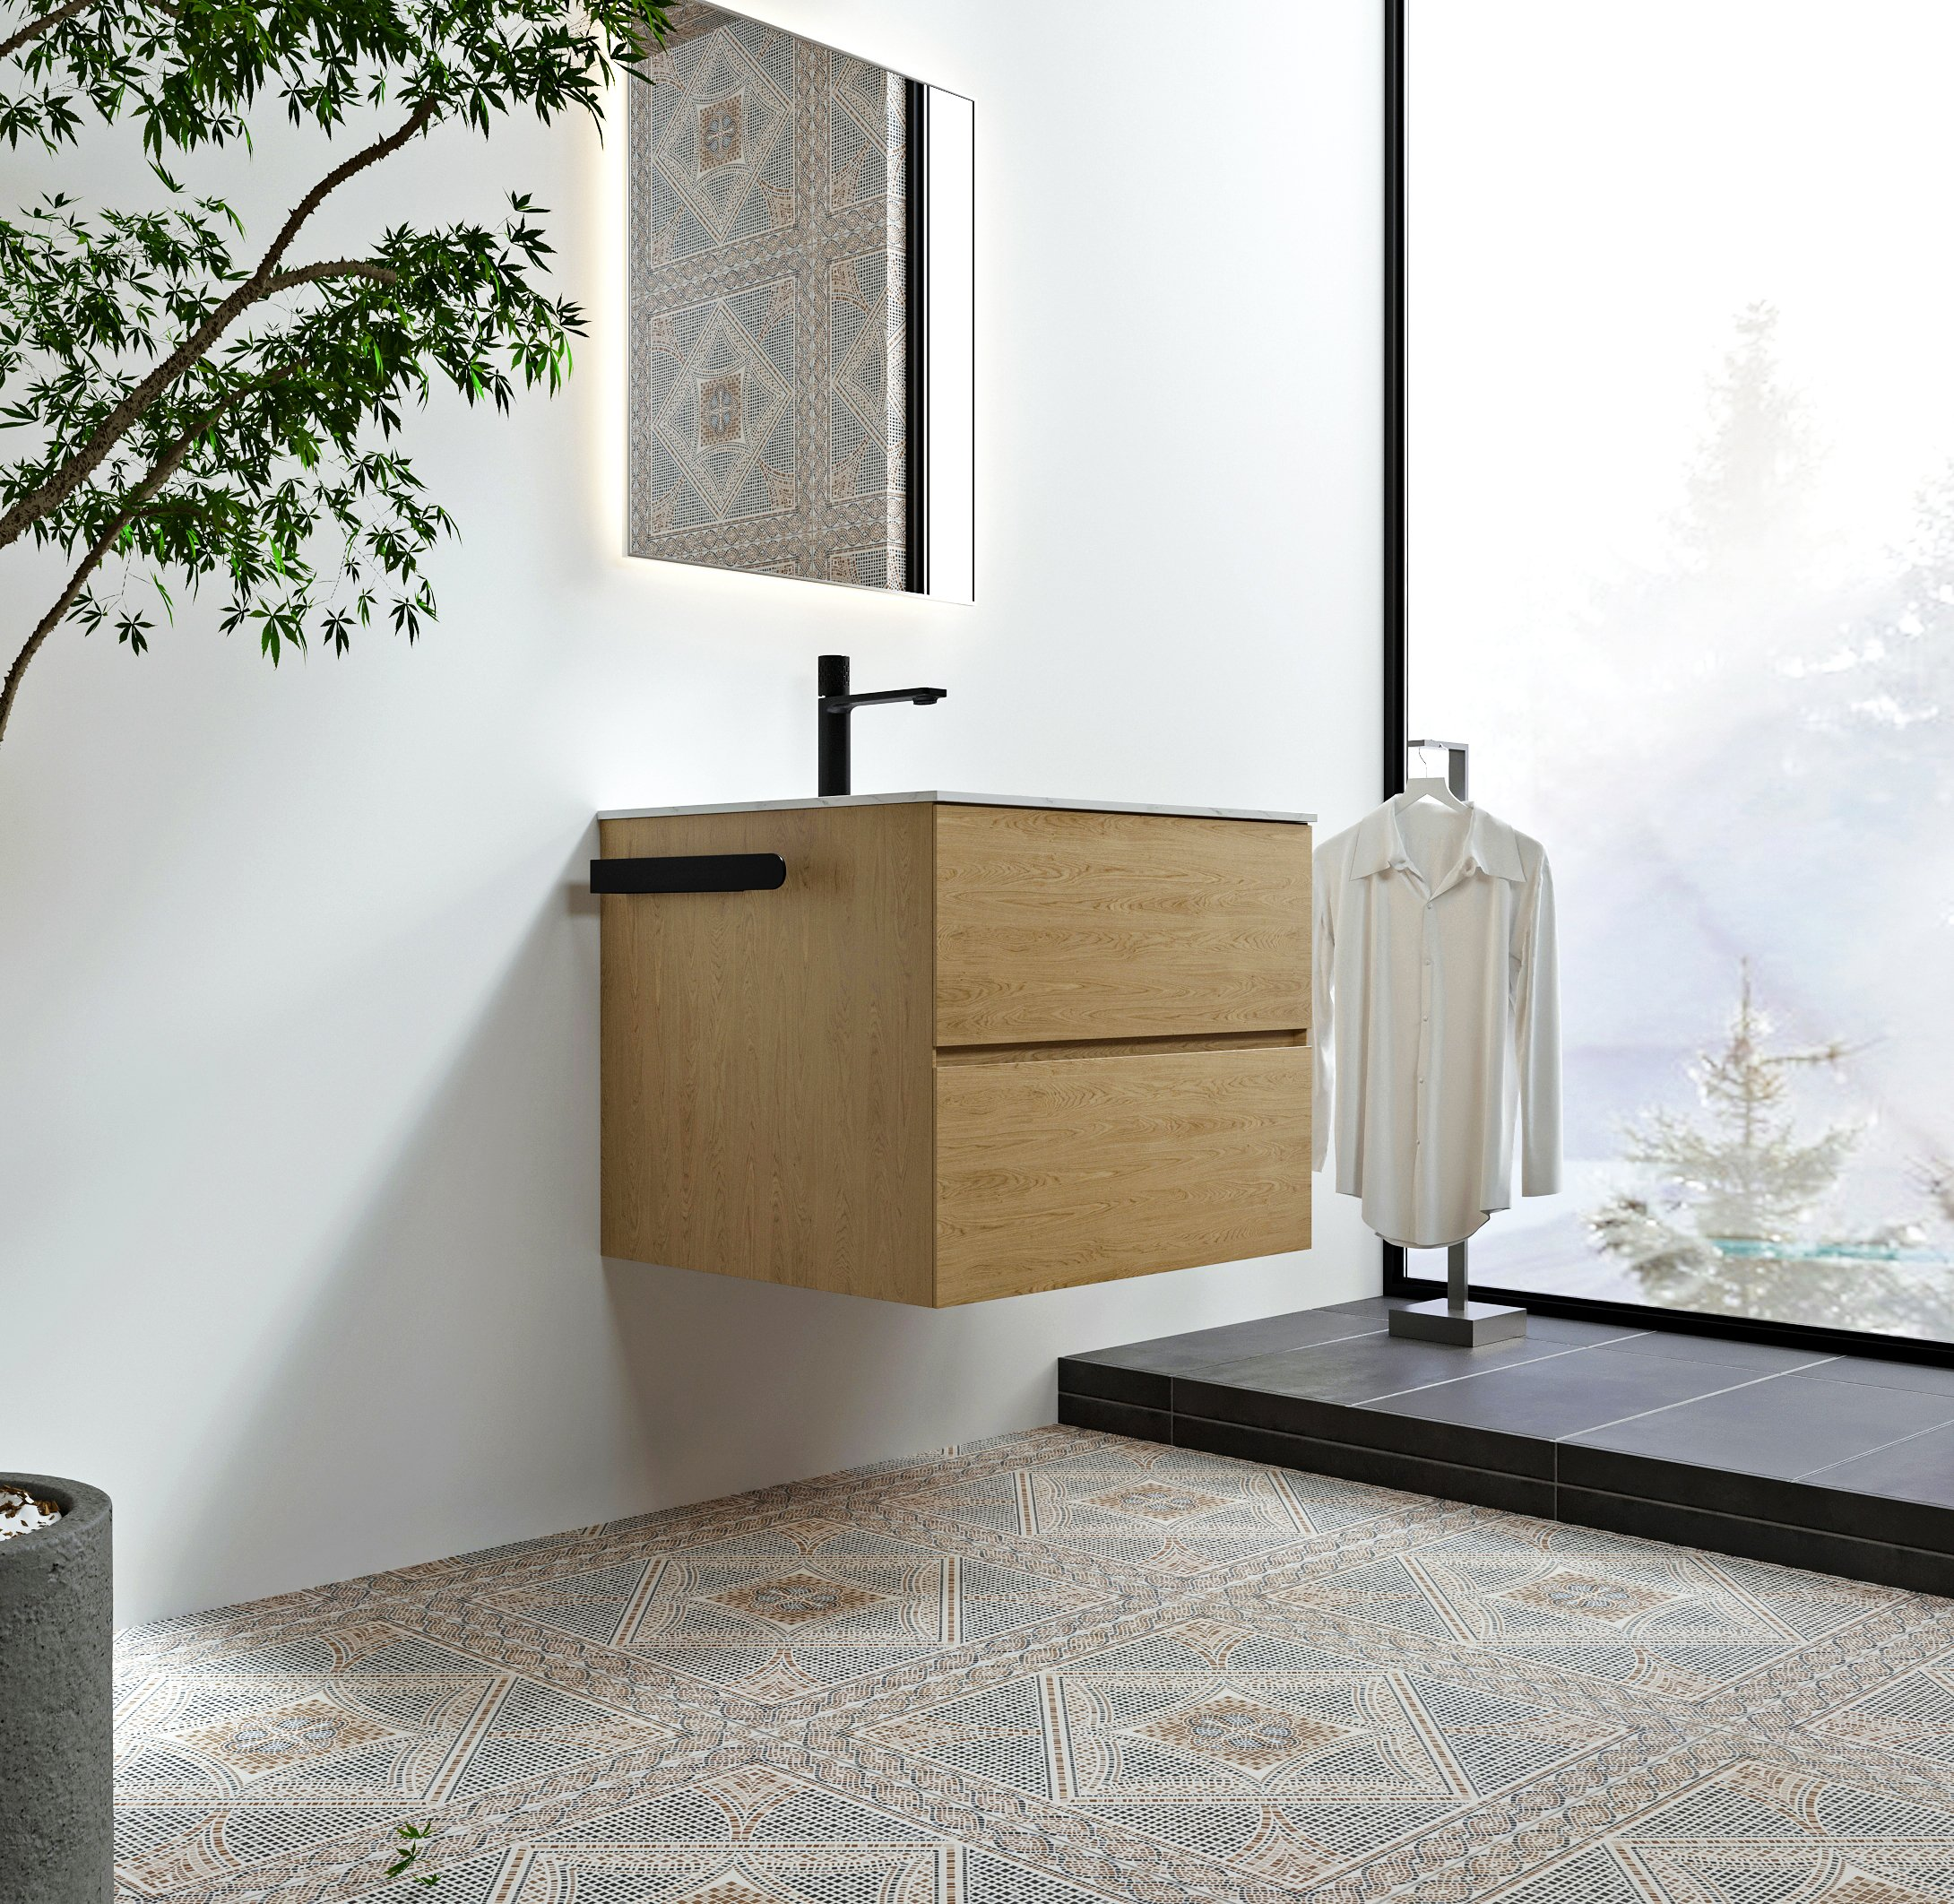 Selbstklebender Handtuchhalter HH35 Korpusmontage für Badmöbel - Farbe wählbar